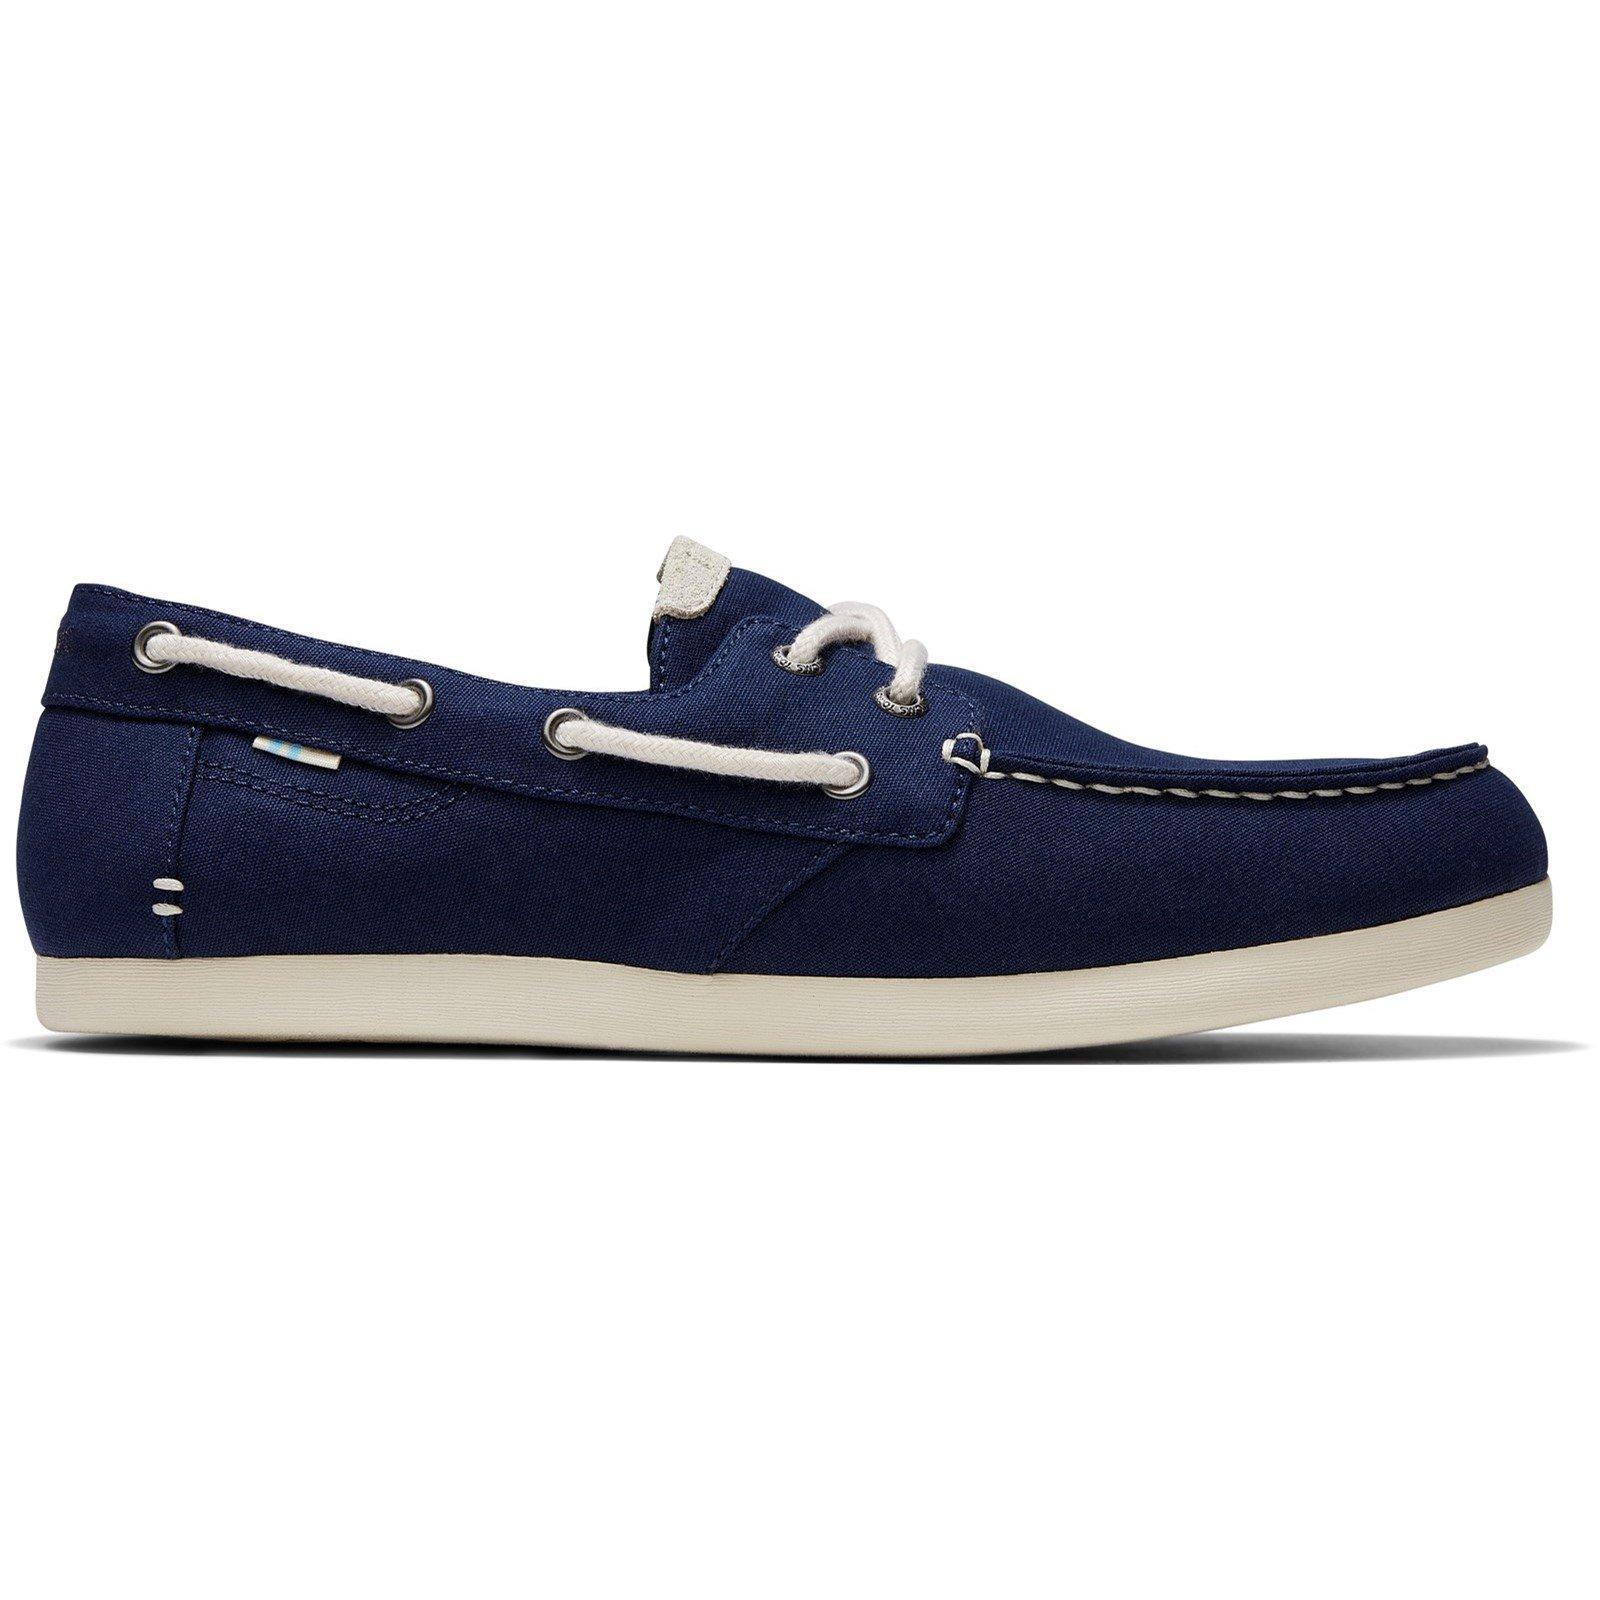 TOMS Men's Claremont Tan Canvas Boat Shoe Various Colours 32556 - Navy 7